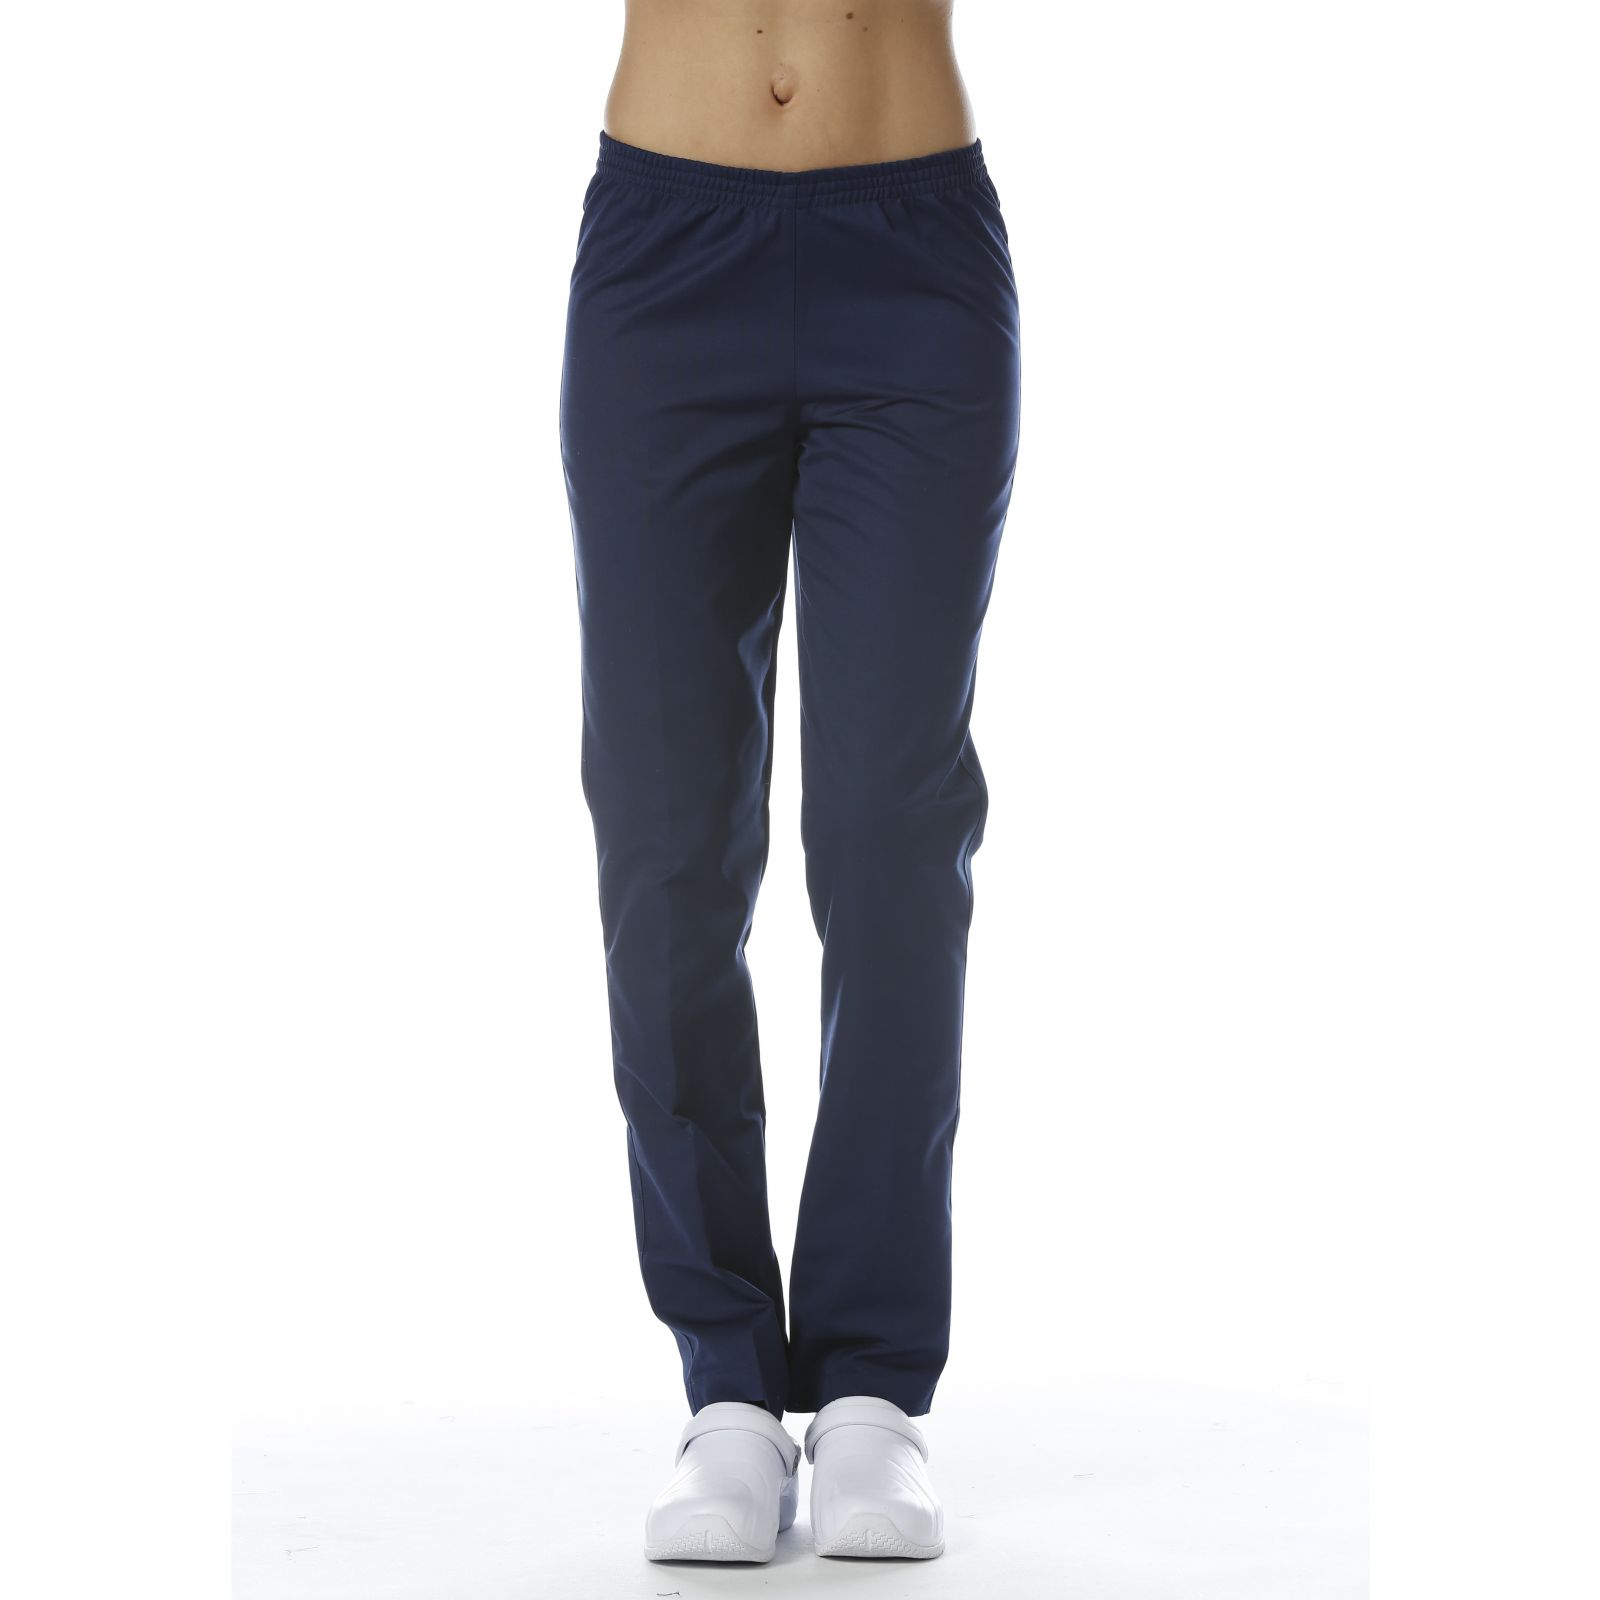 Pantalon Médical Bleu marine, Unisexe, Taille élastique, Camille Lavandie (078COM) face